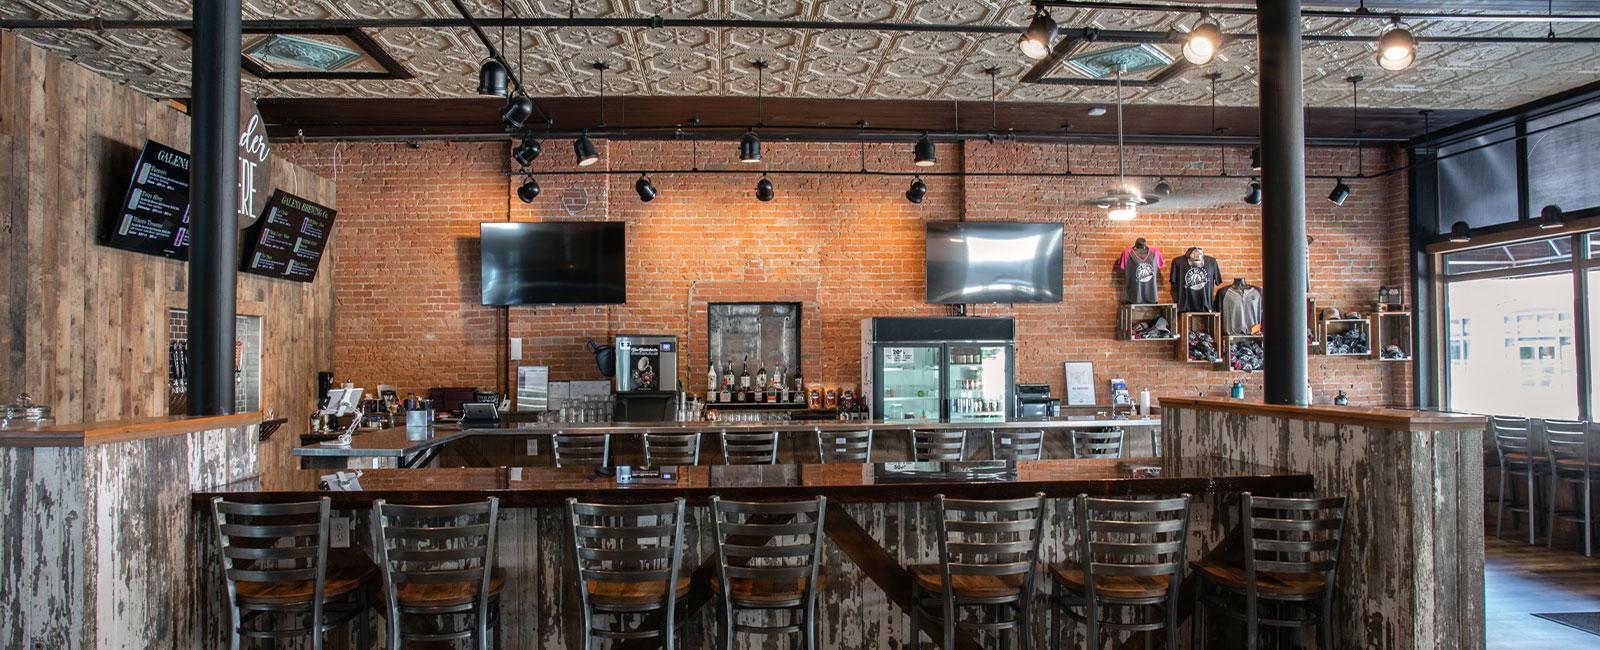 Galena Brewing Company Ale House – Moline, IL